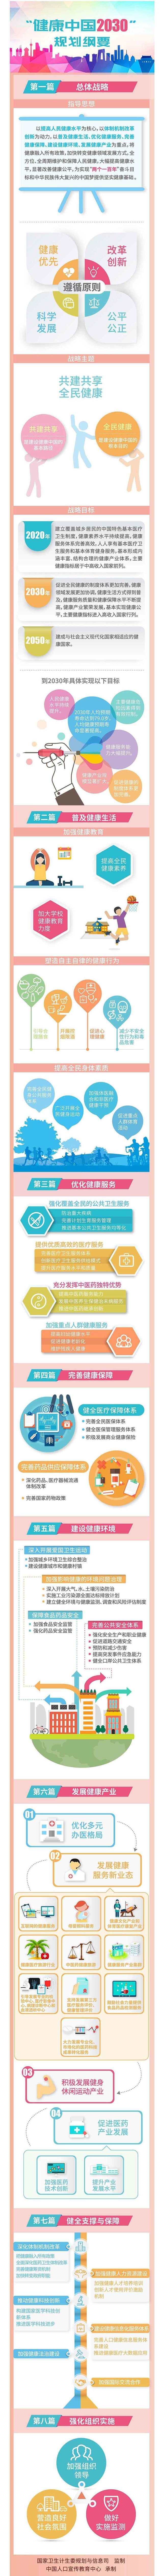 一图读懂|「健康中国 2030」规划纲要